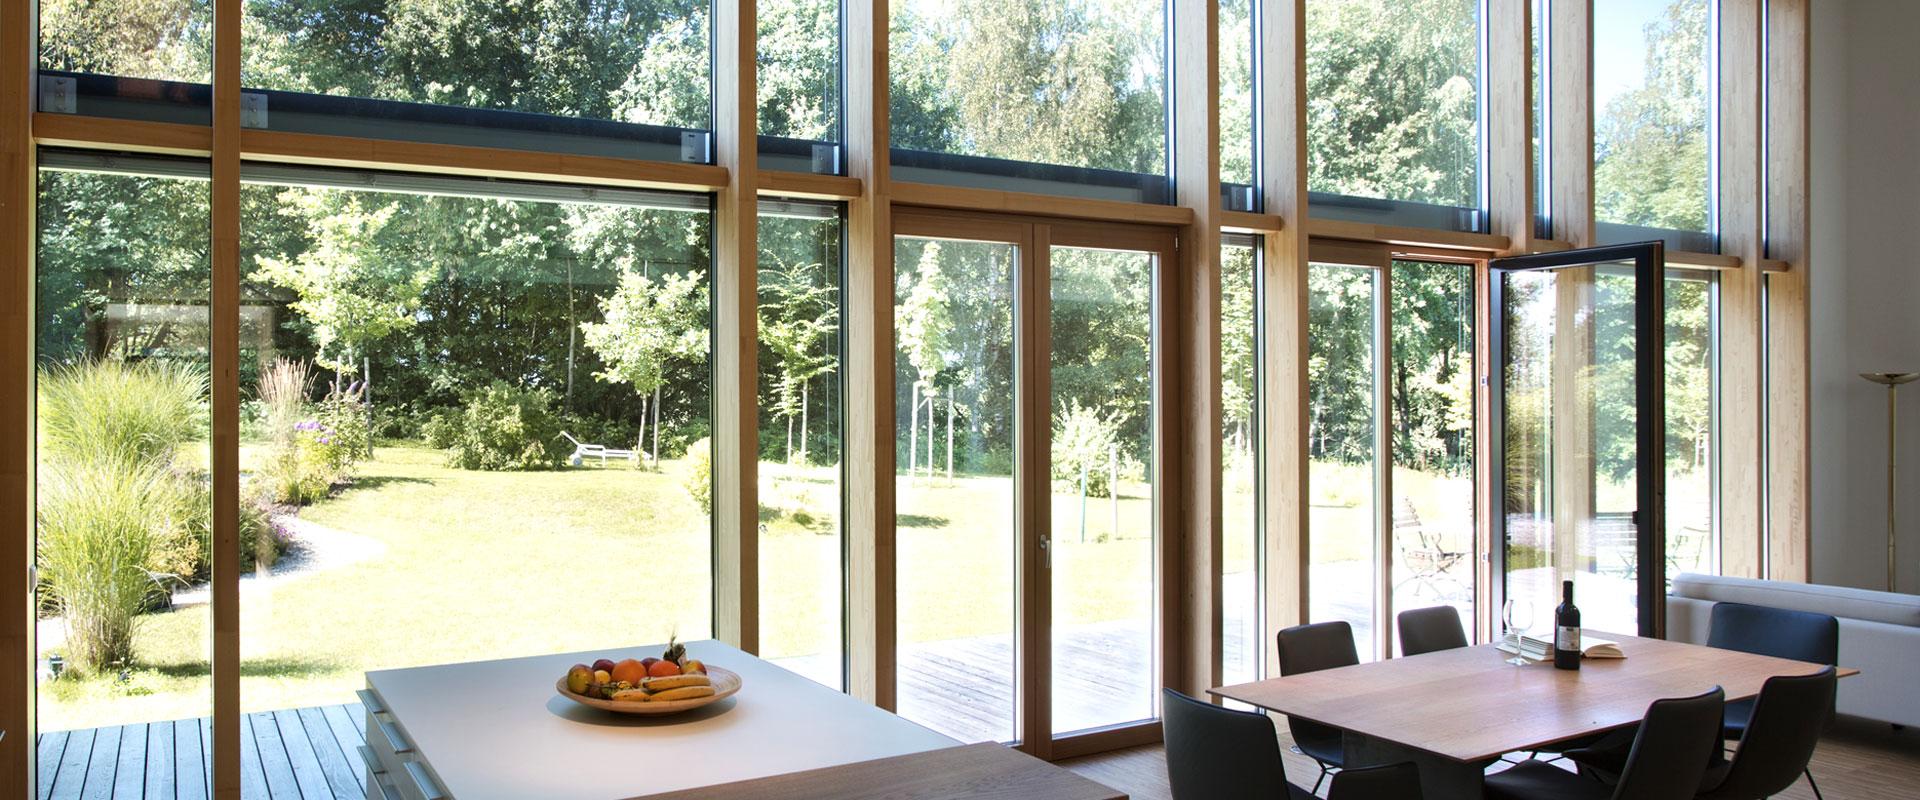 Qualität | KNEER-SÜDFENSTER | Fenster und Haustüren für ...